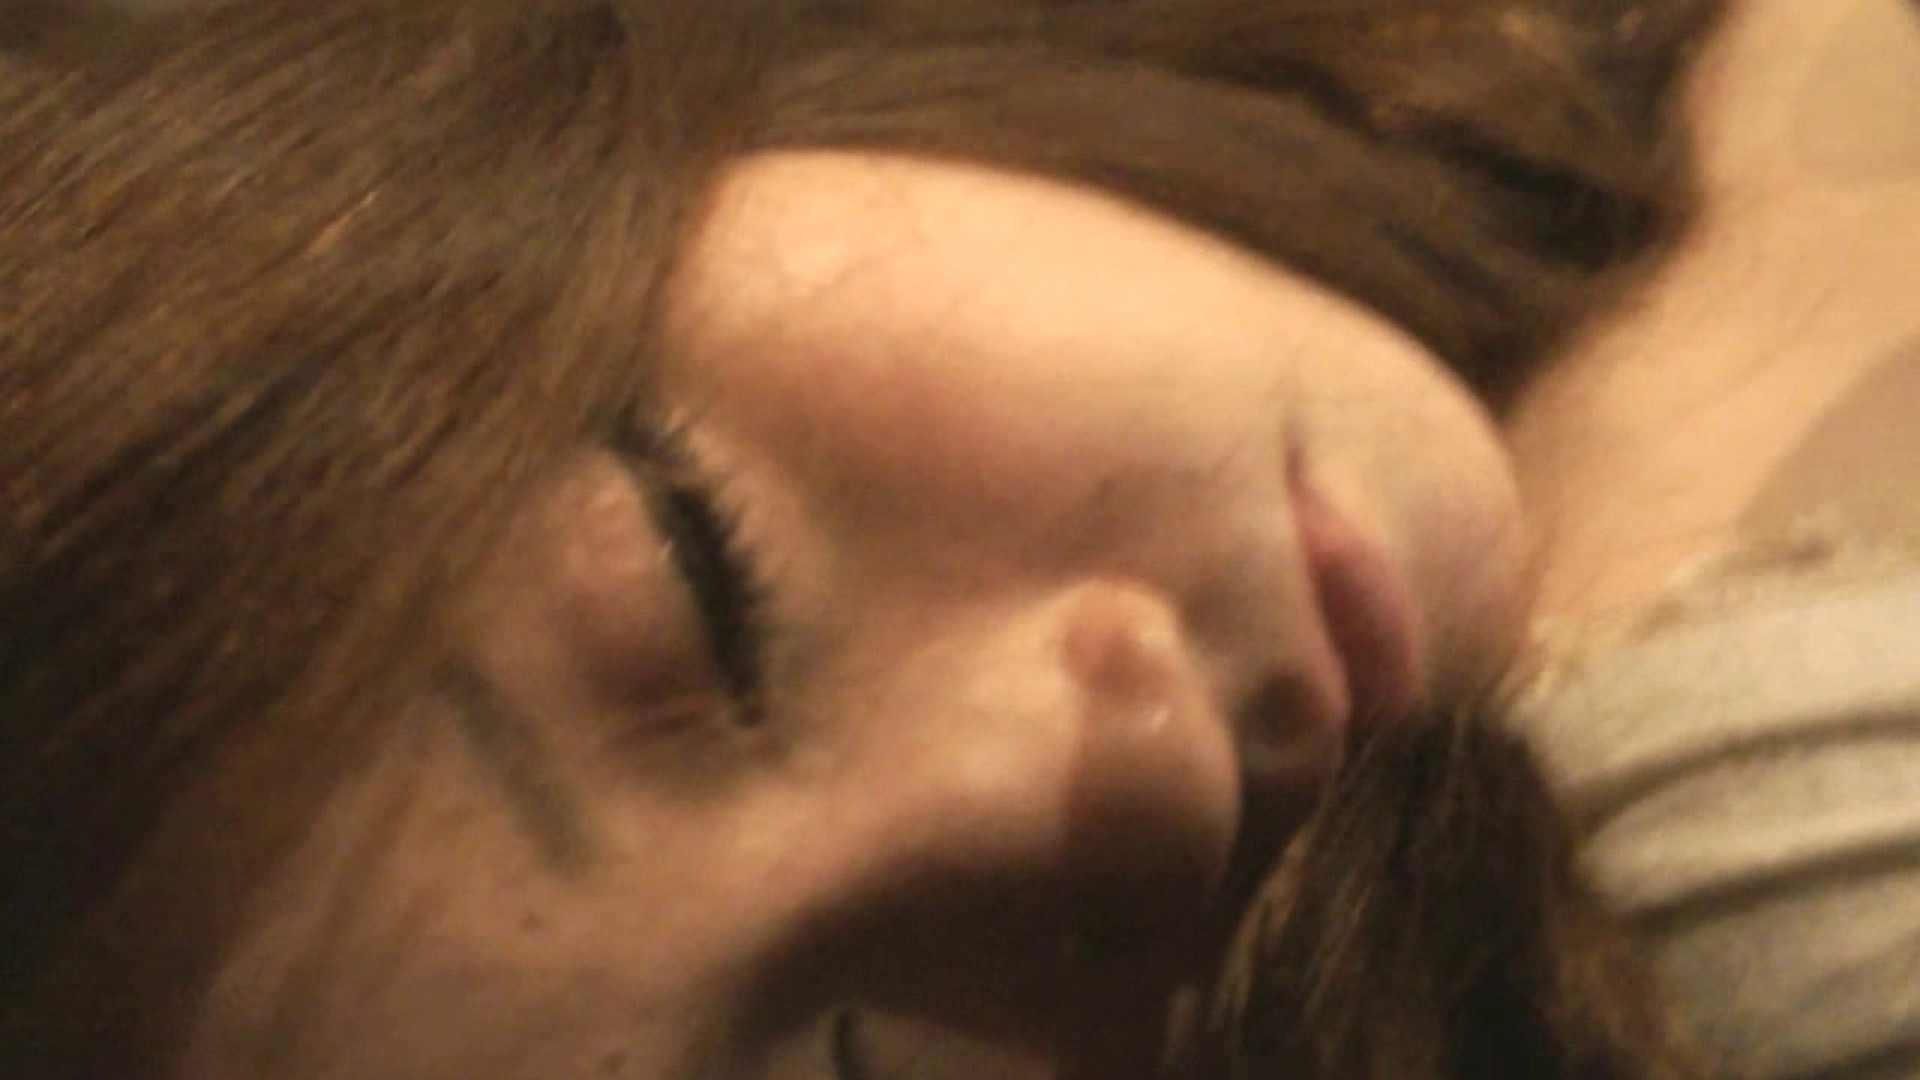 魔術師の お・も・て・な・し vol.10 19歳女子大生にカラオケでイタズラ 女子大生特集 | 美女OL  48連発 37